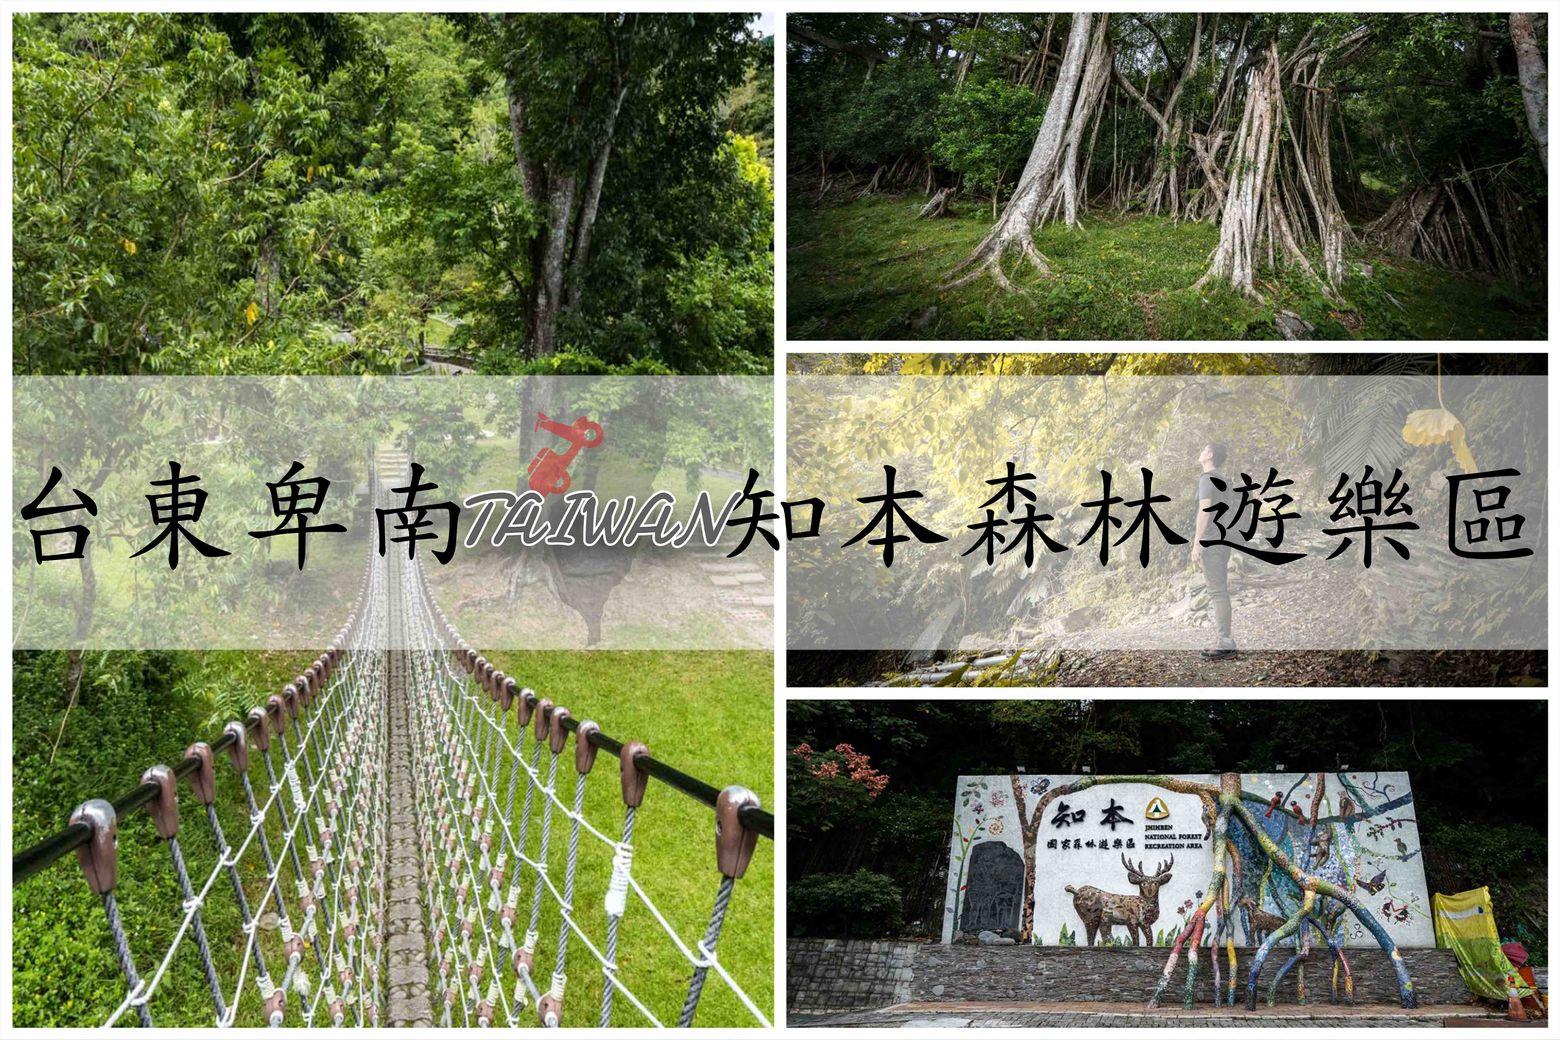 『台東卑南景點』天然森林浴超放鬆,知本國家森林遊樂區|豐富生態,千根榕、好漢坡,野生動物